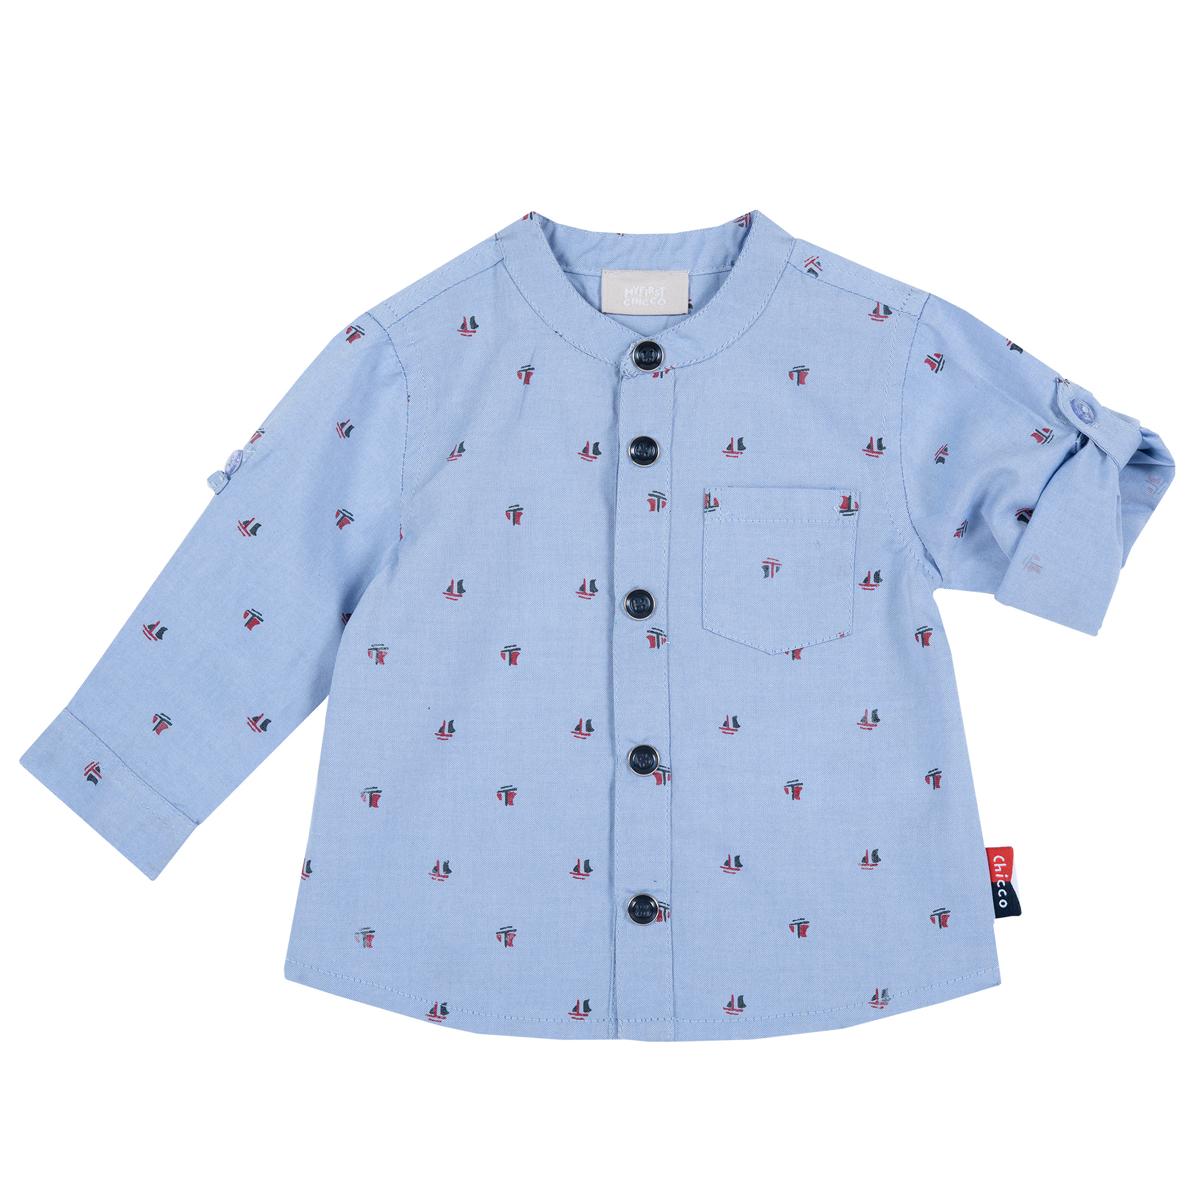 Camasa Copii Chicco, Tip Oxford, Albastru Cu Roz, 54519 imagine